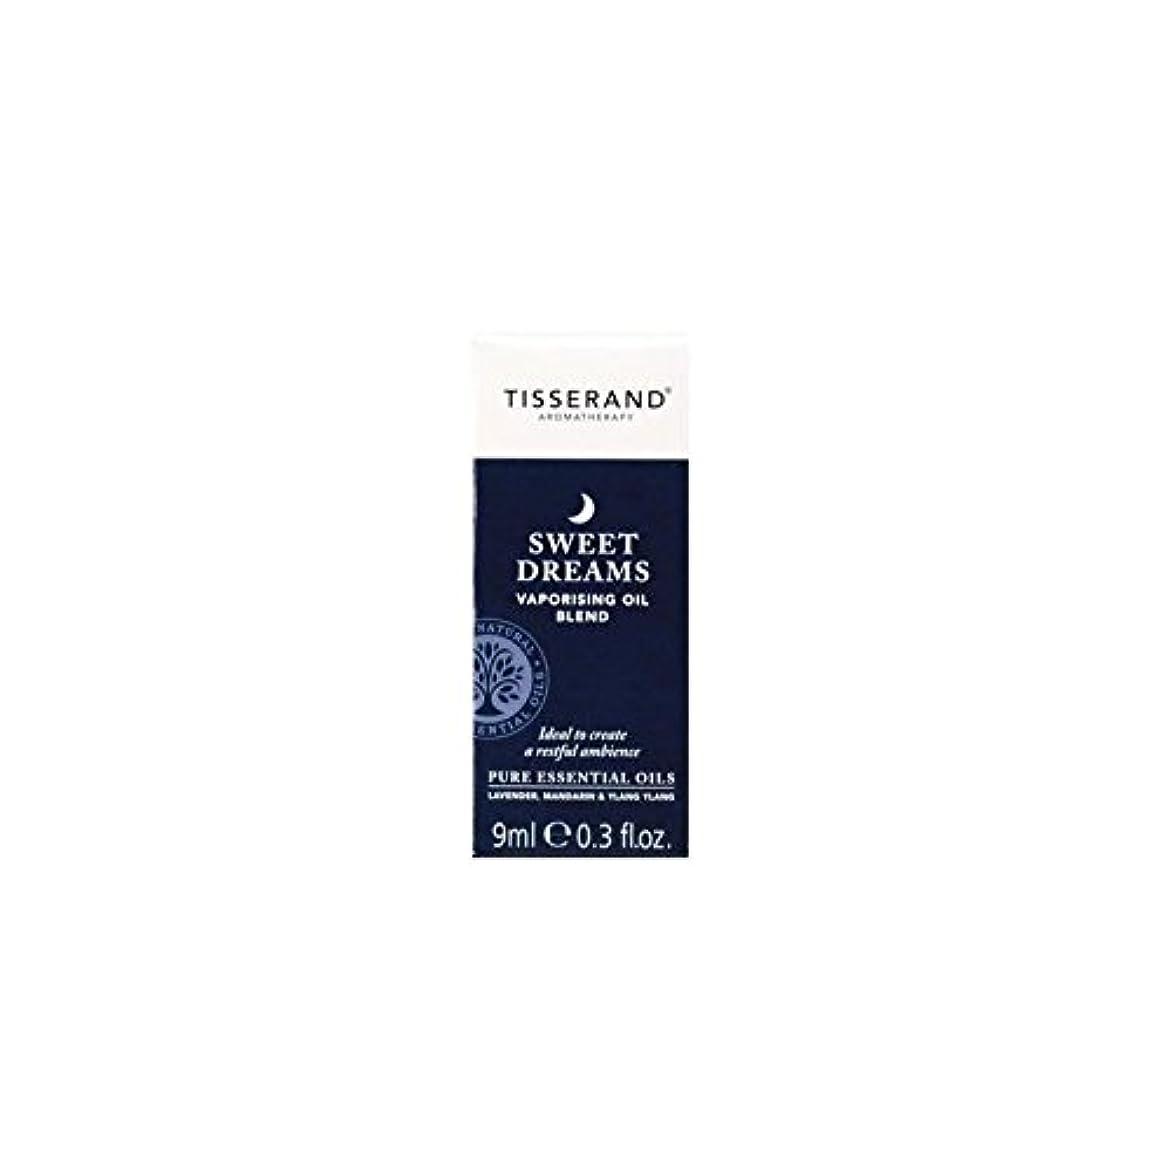 人柄トリッキー飼料オイル9ミリリットルを気化甘い夢 (Tisserand) (x 4) - Tisserand Sweet Dreams Vaporising Oil 9ml (Pack of 4) [並行輸入品]